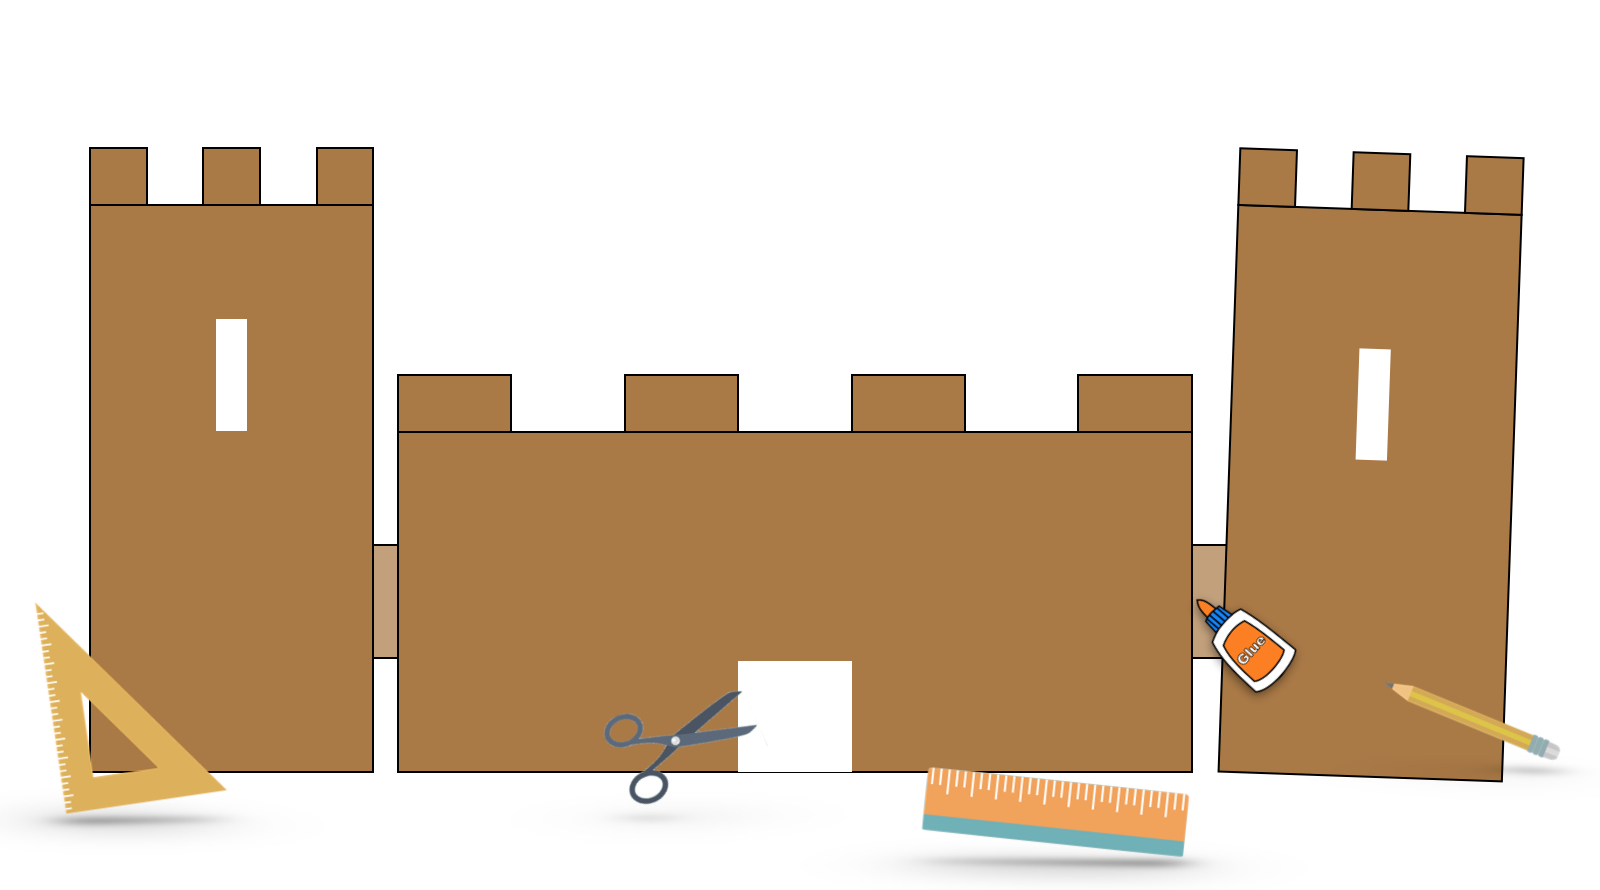 Construire Une Maquette De Château Fort – Le Blog Du Cancre concernant Image De Chateau Fort A Imprimer